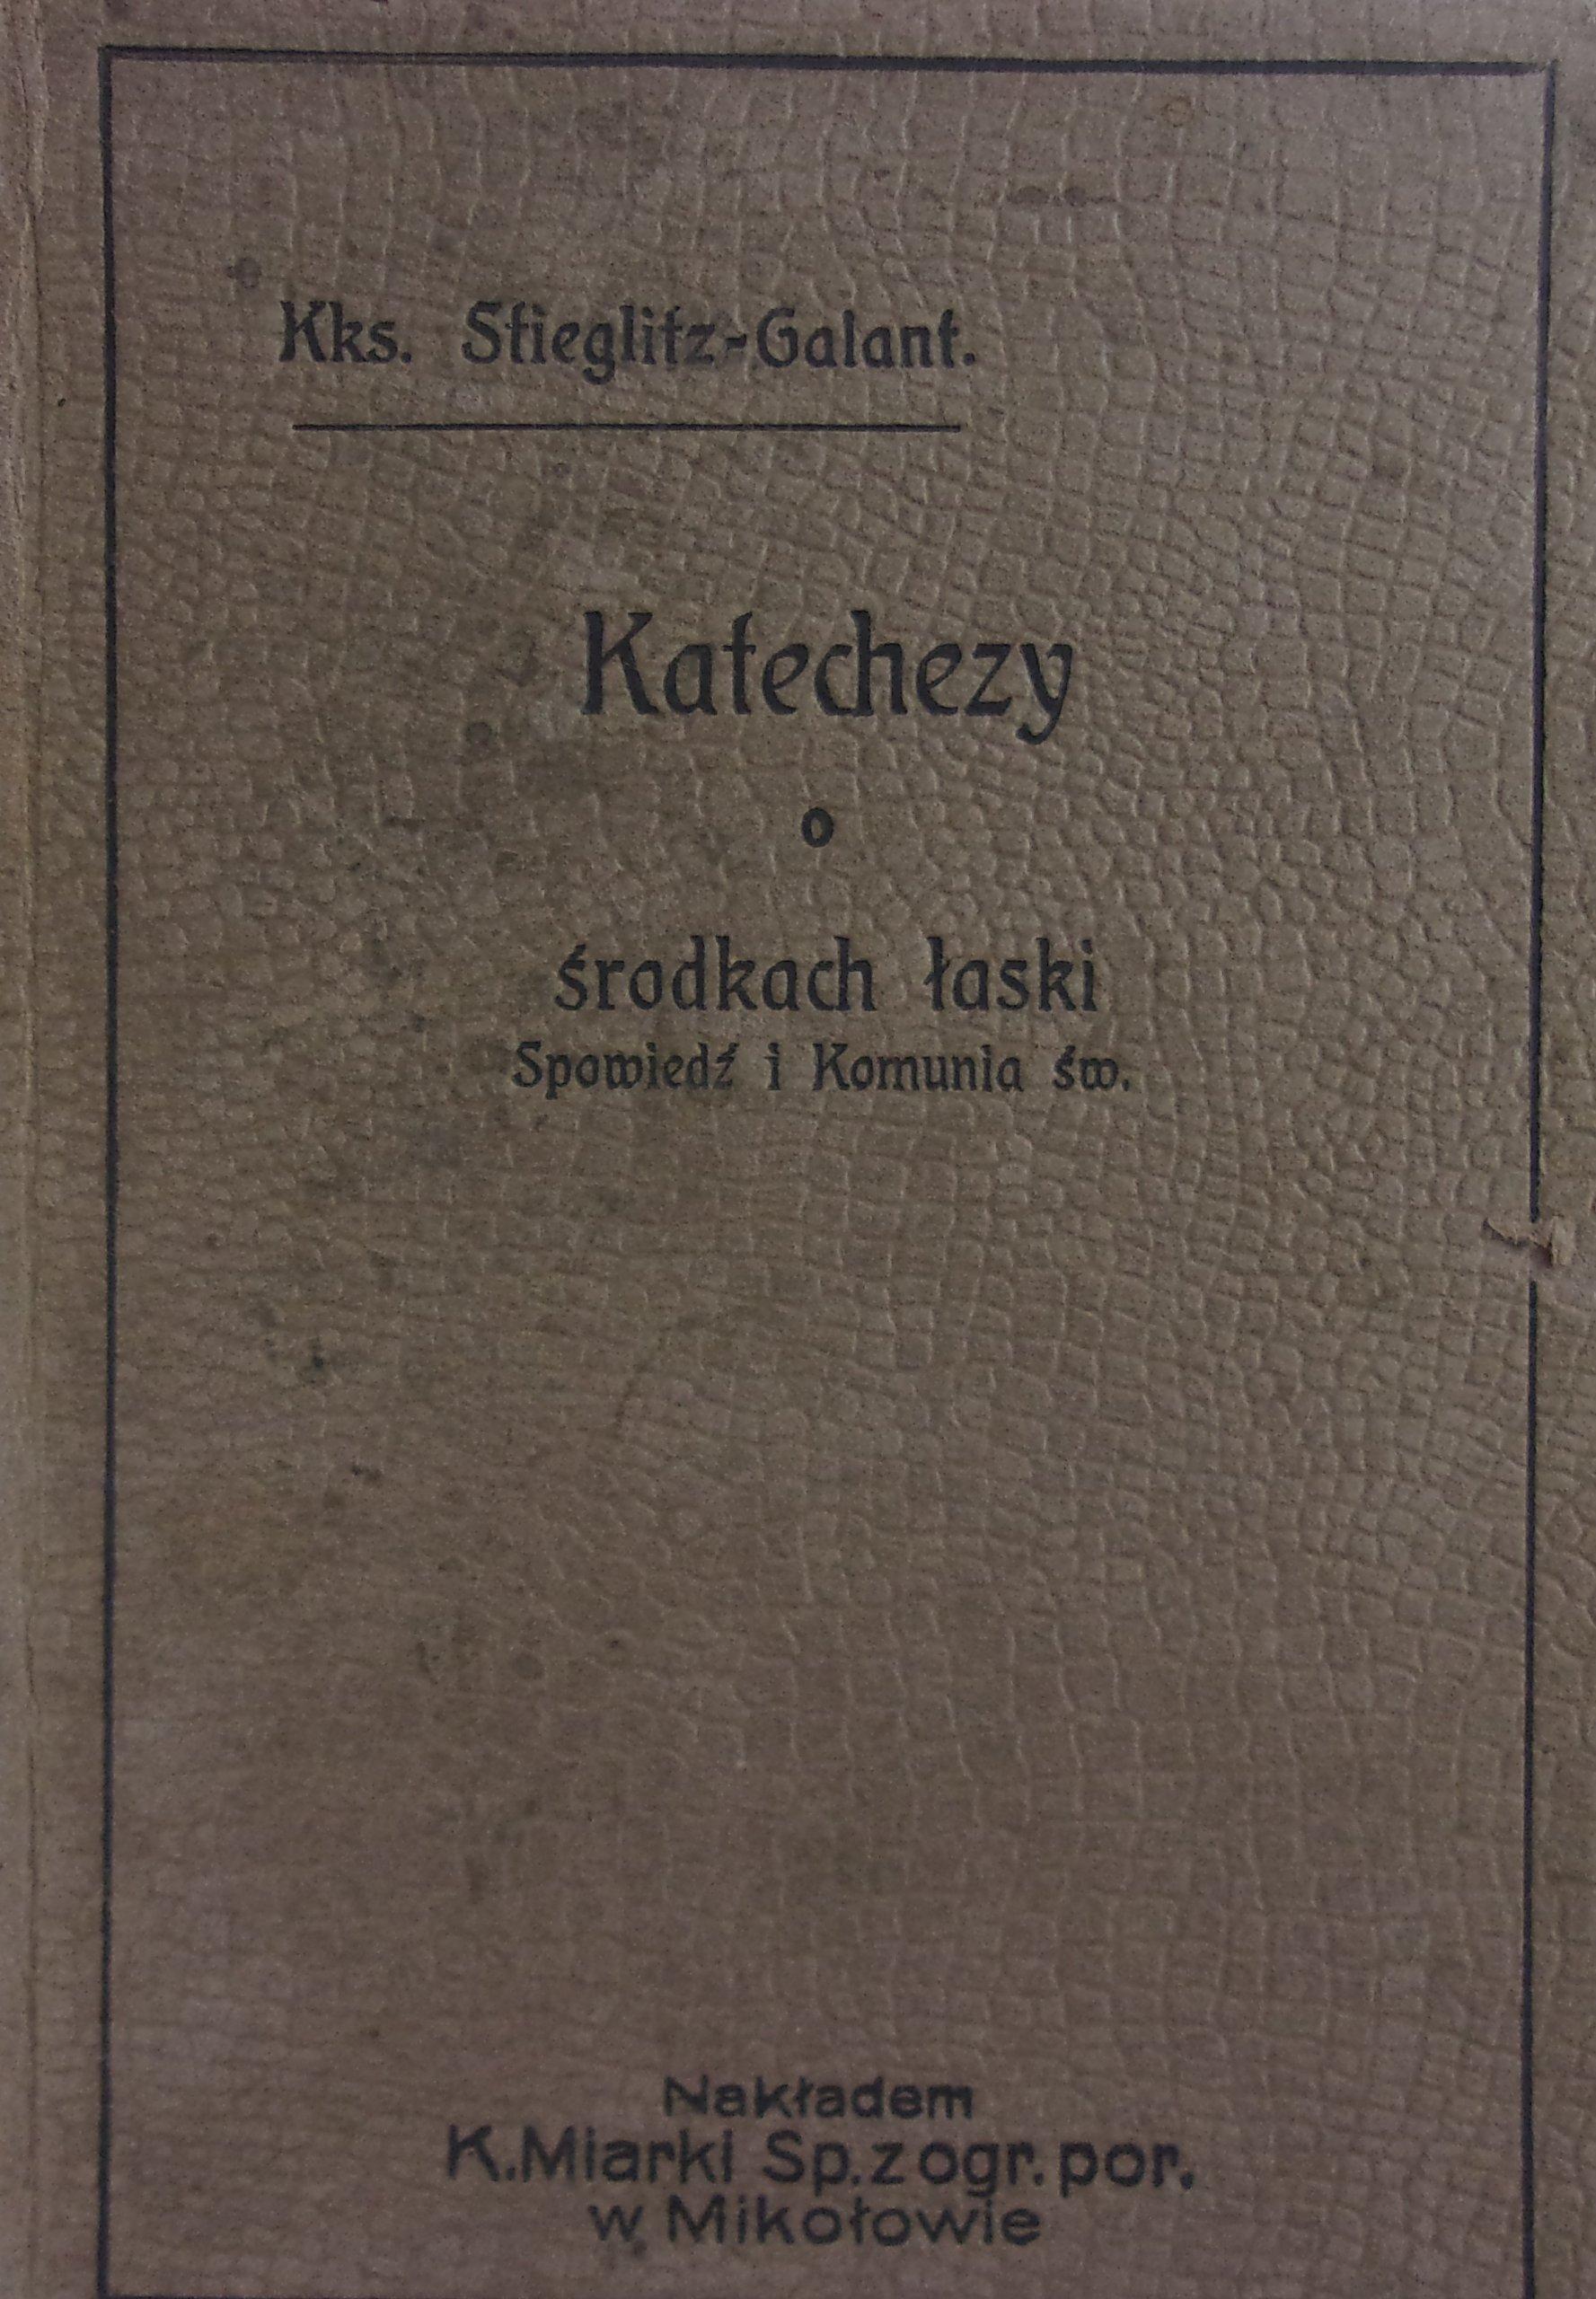 Katechezy o środkach łaski 1909 r.